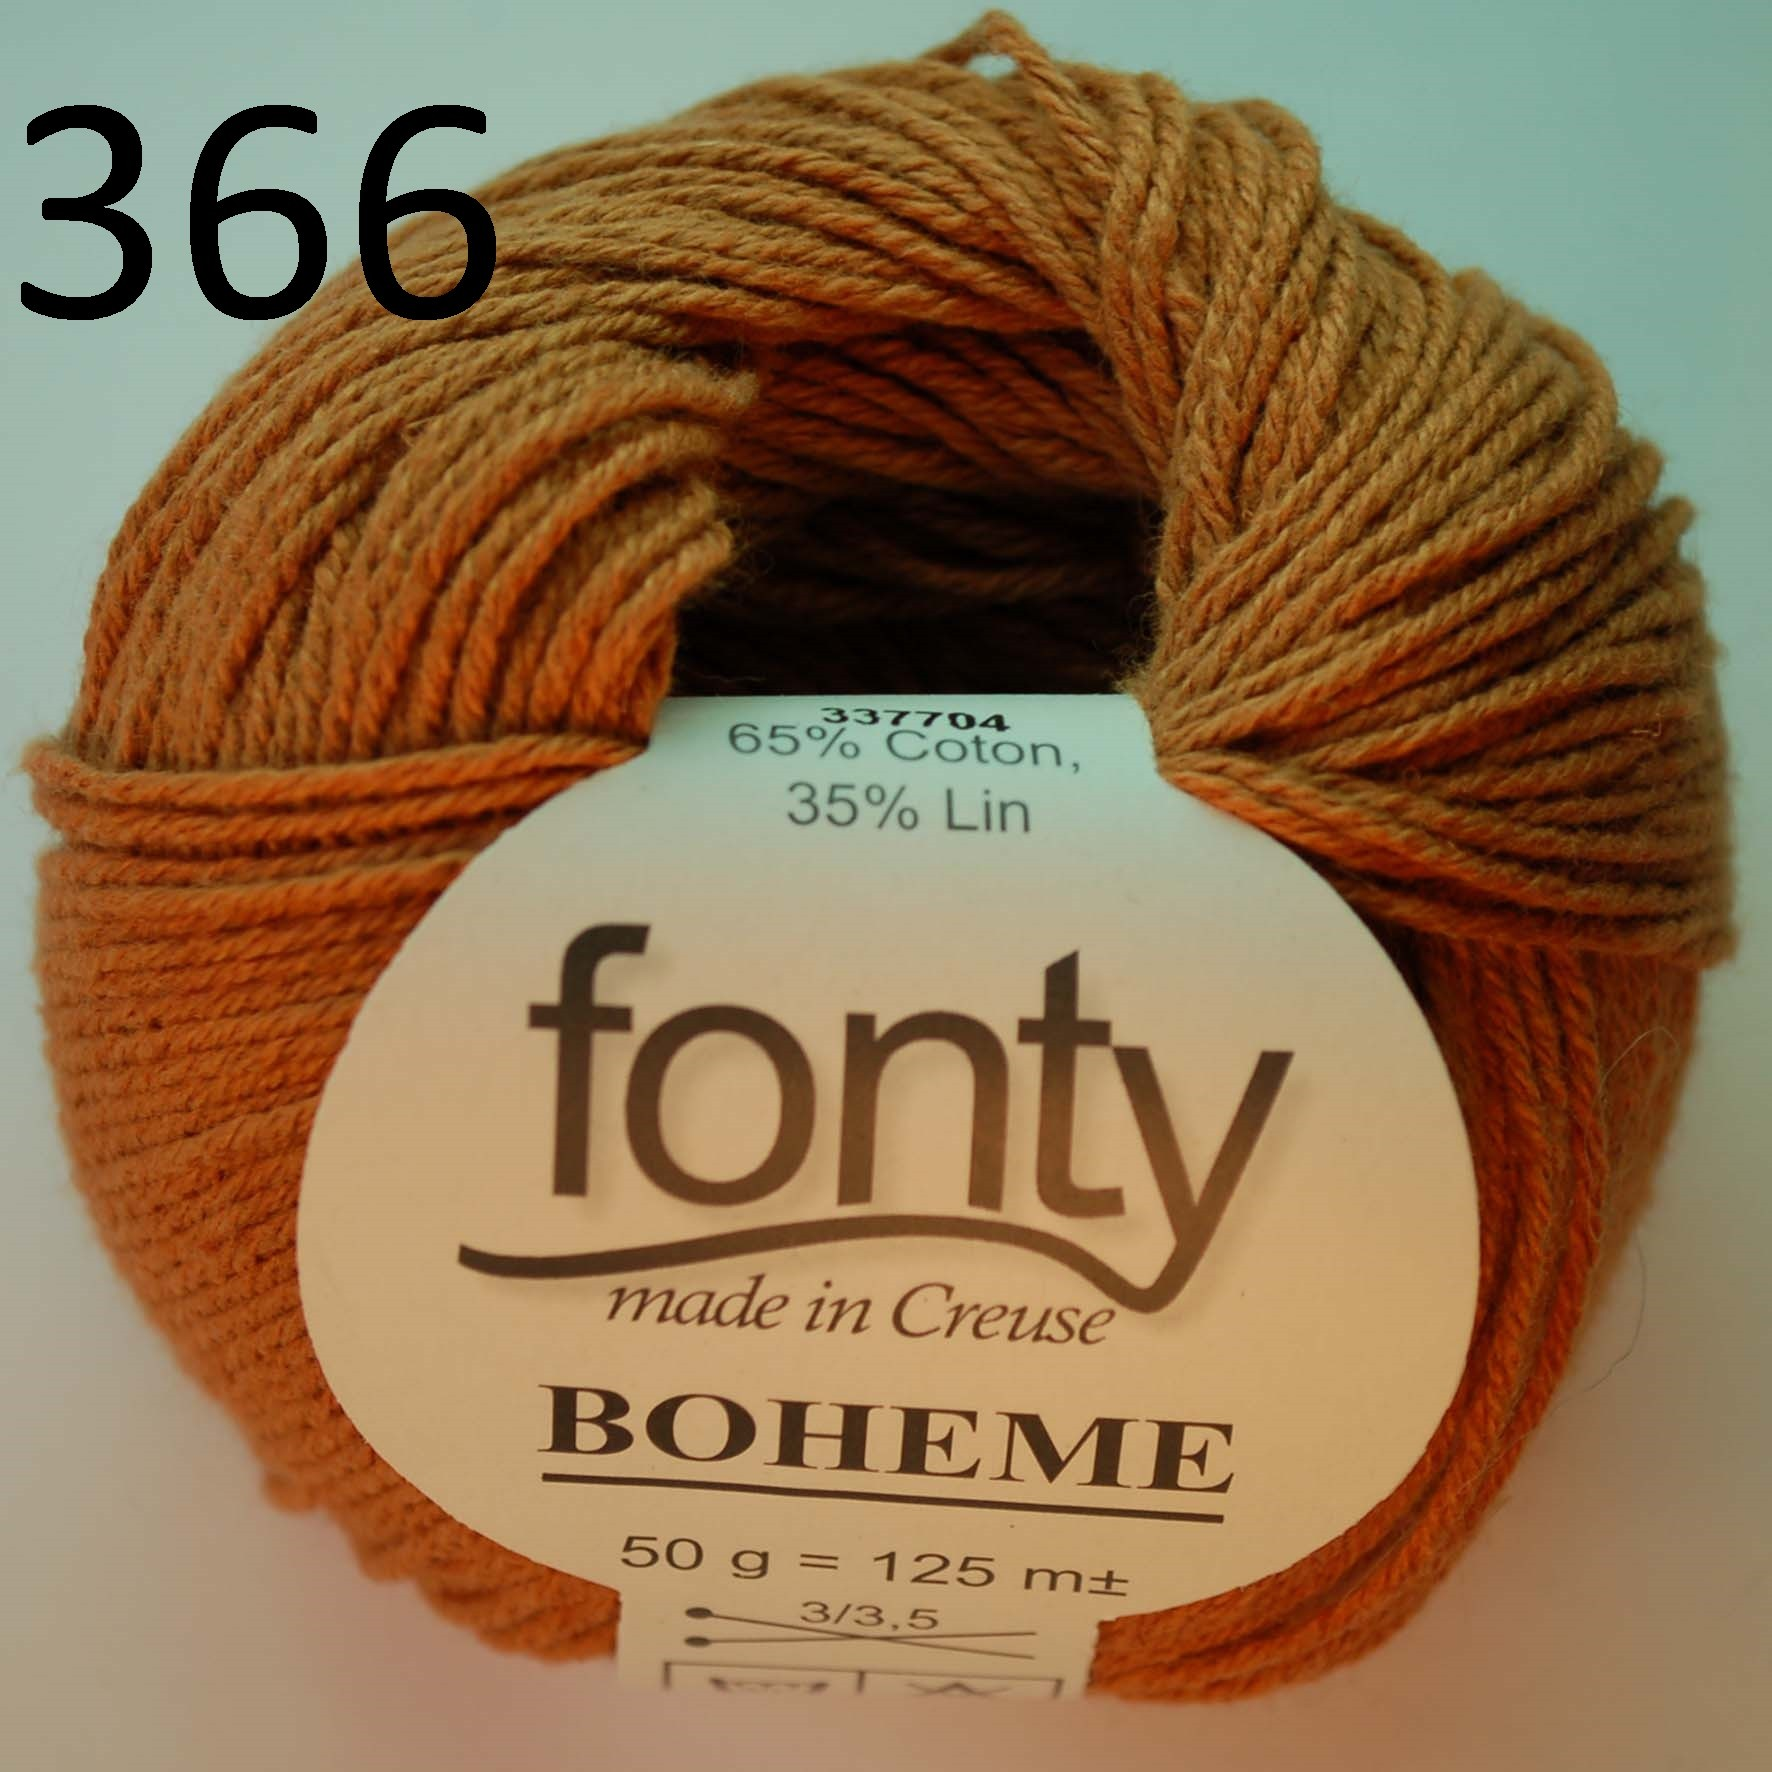 Boheme 366